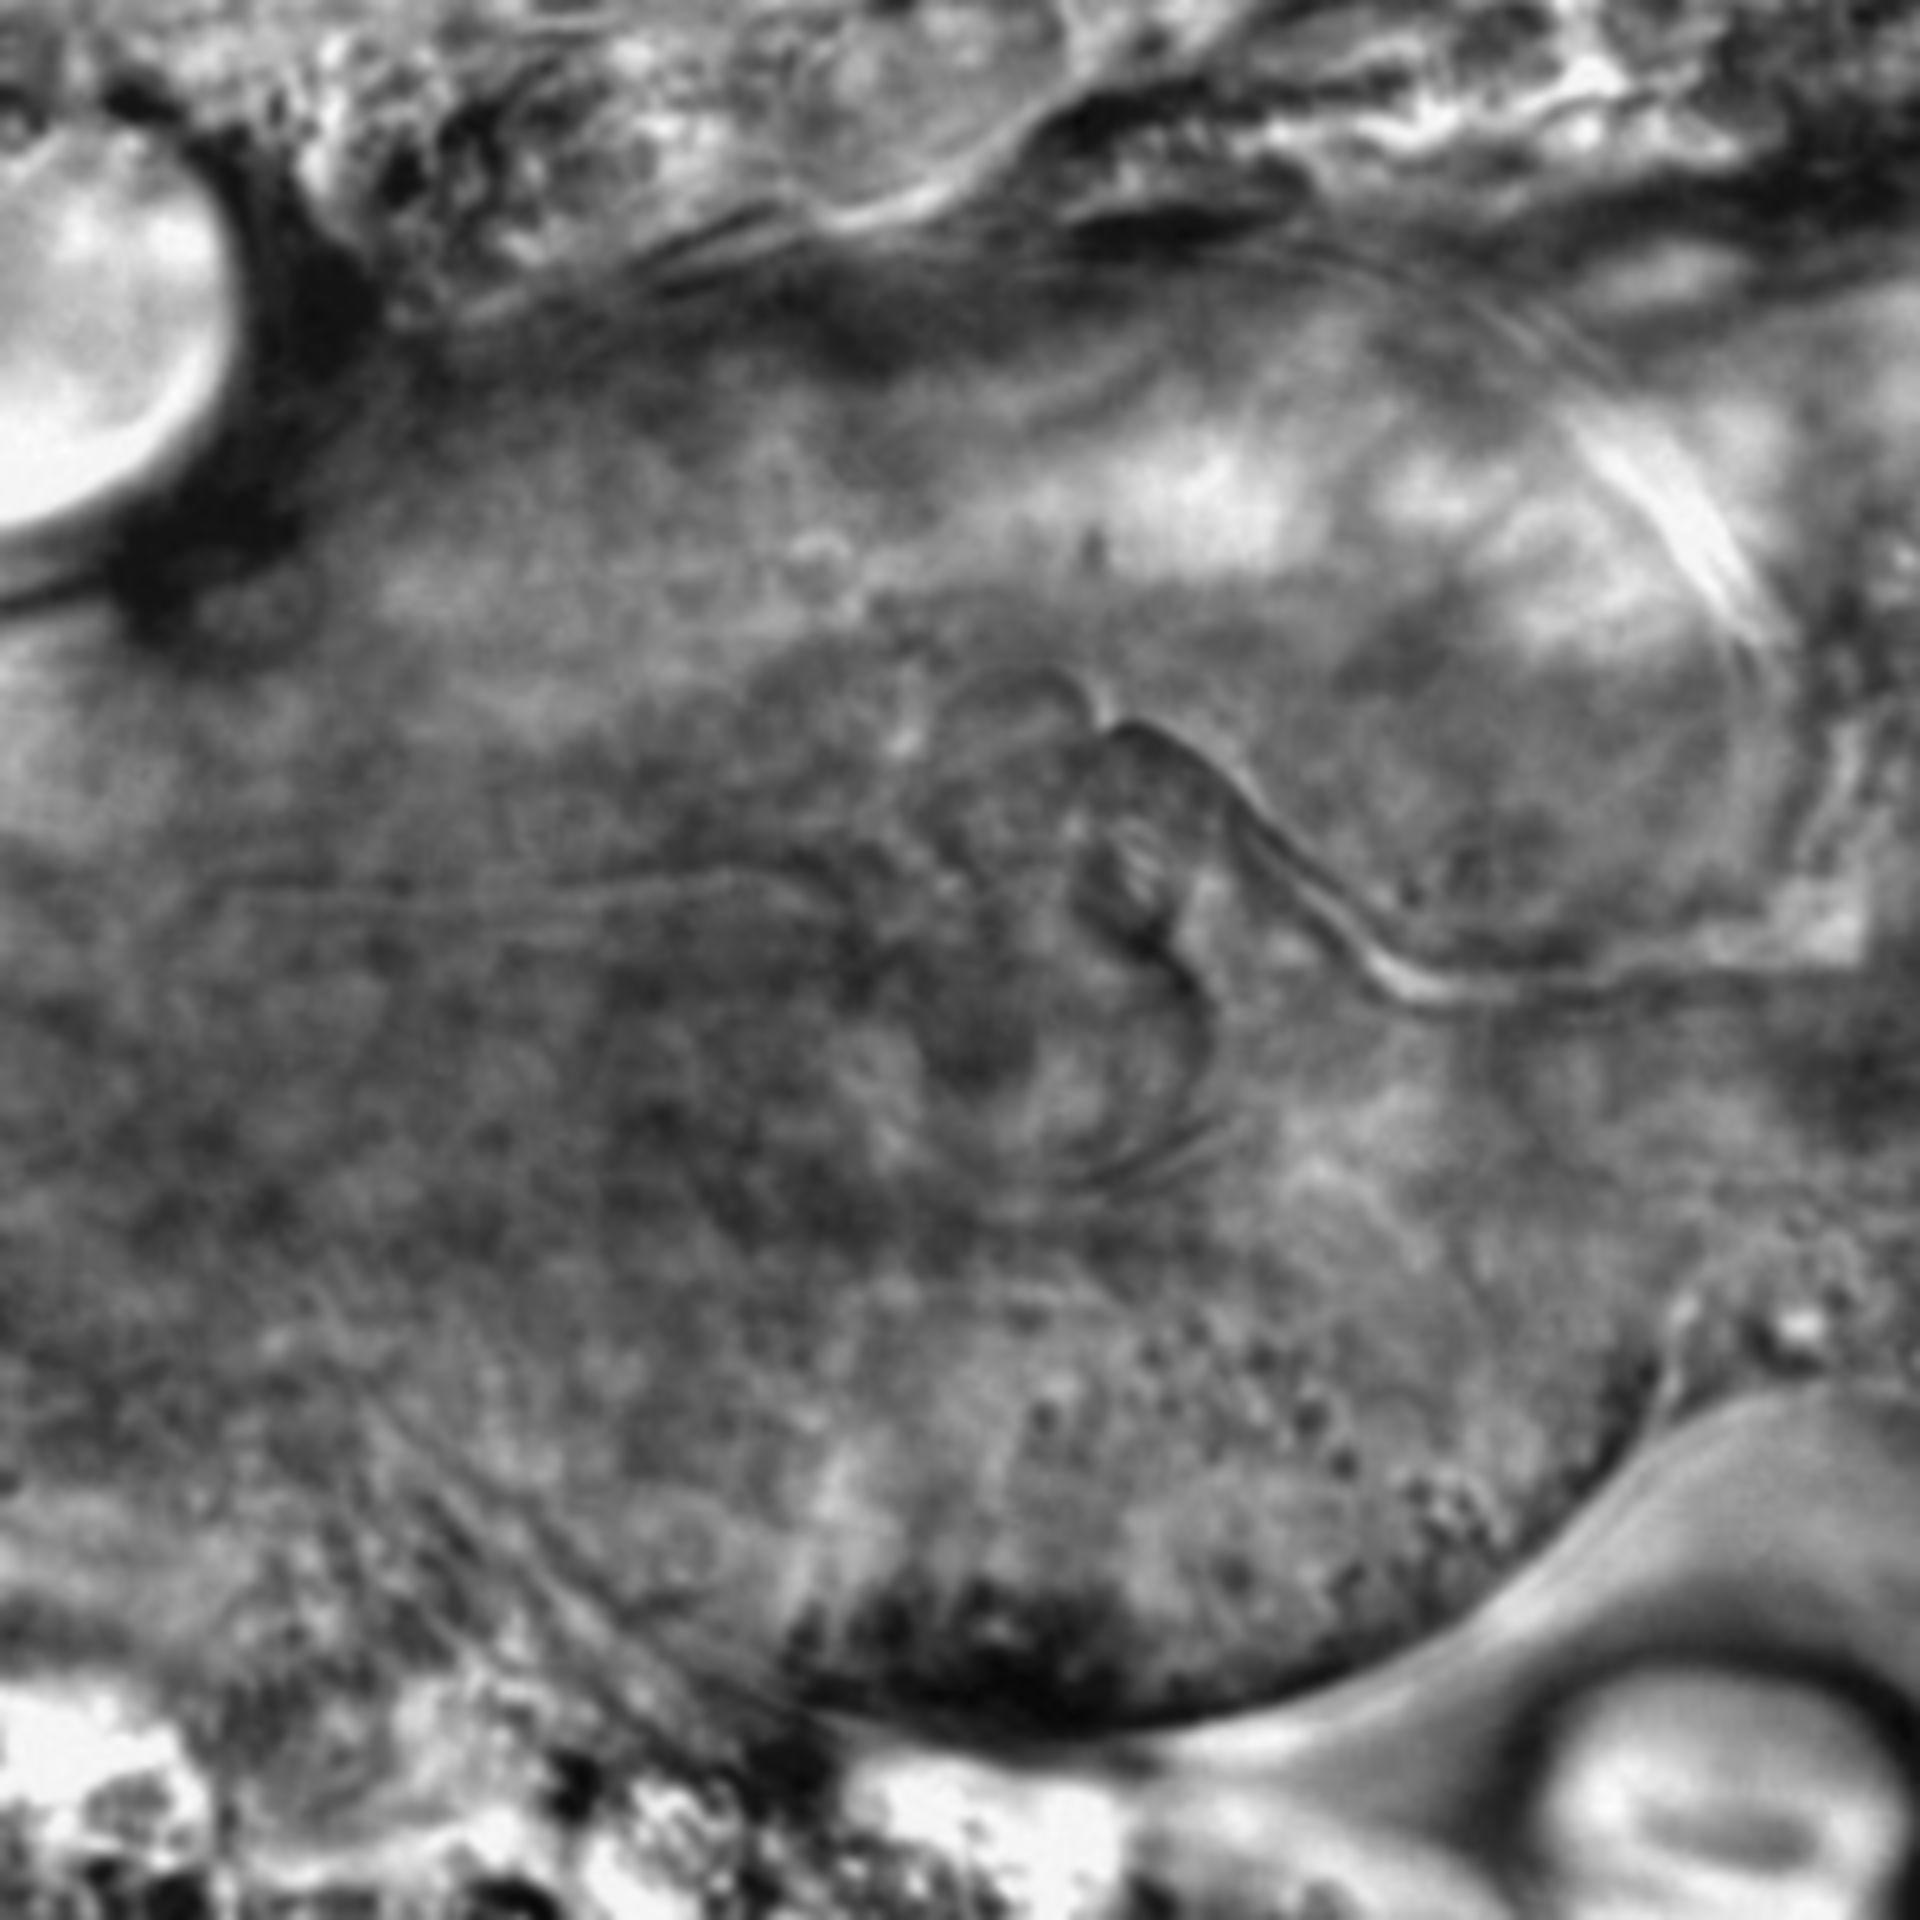 Caenorhabditis elegans - CIL:2269